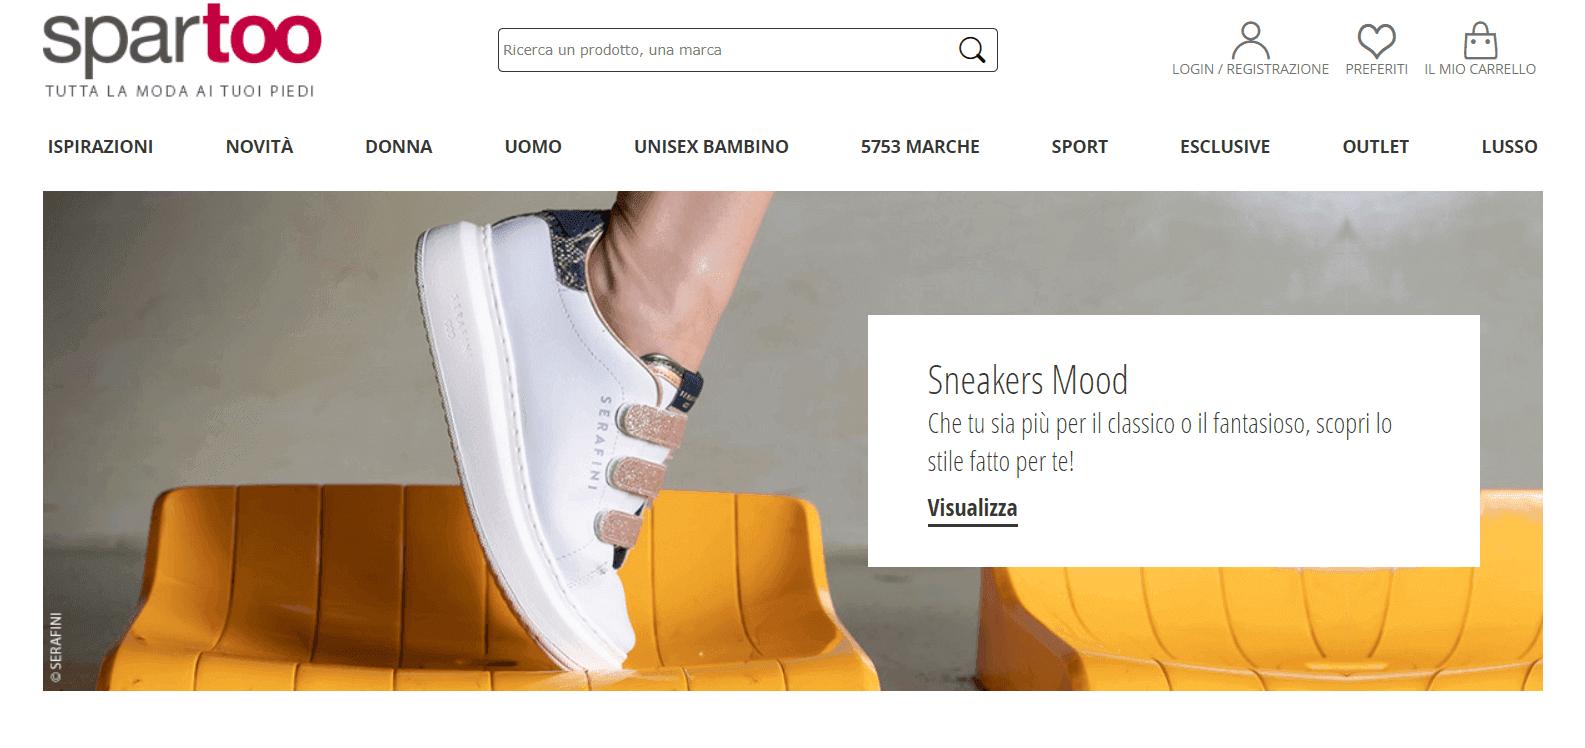 myMeest.com | Доставка покупок из интернет-магазинов мира | Сервис онлайн-шопинга- 2